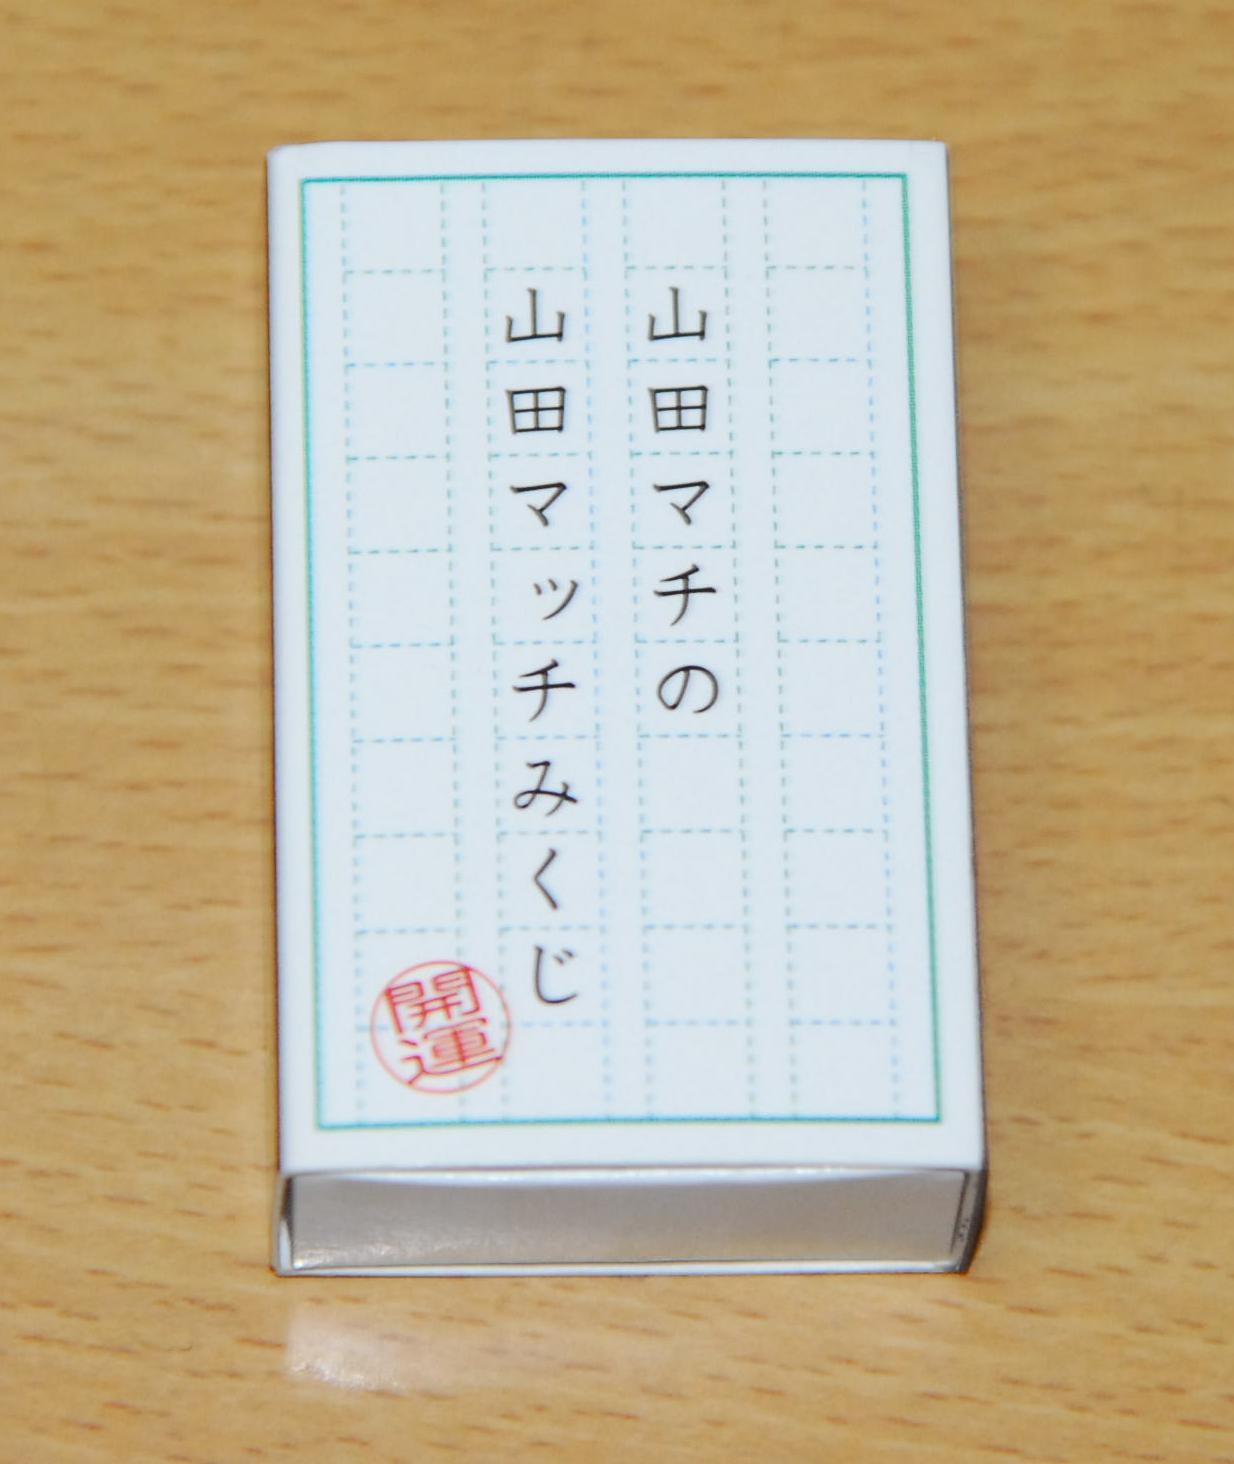 応援してます山田町…「山田マチの山田マッチみくじ」_a0103650_23172070.jpg